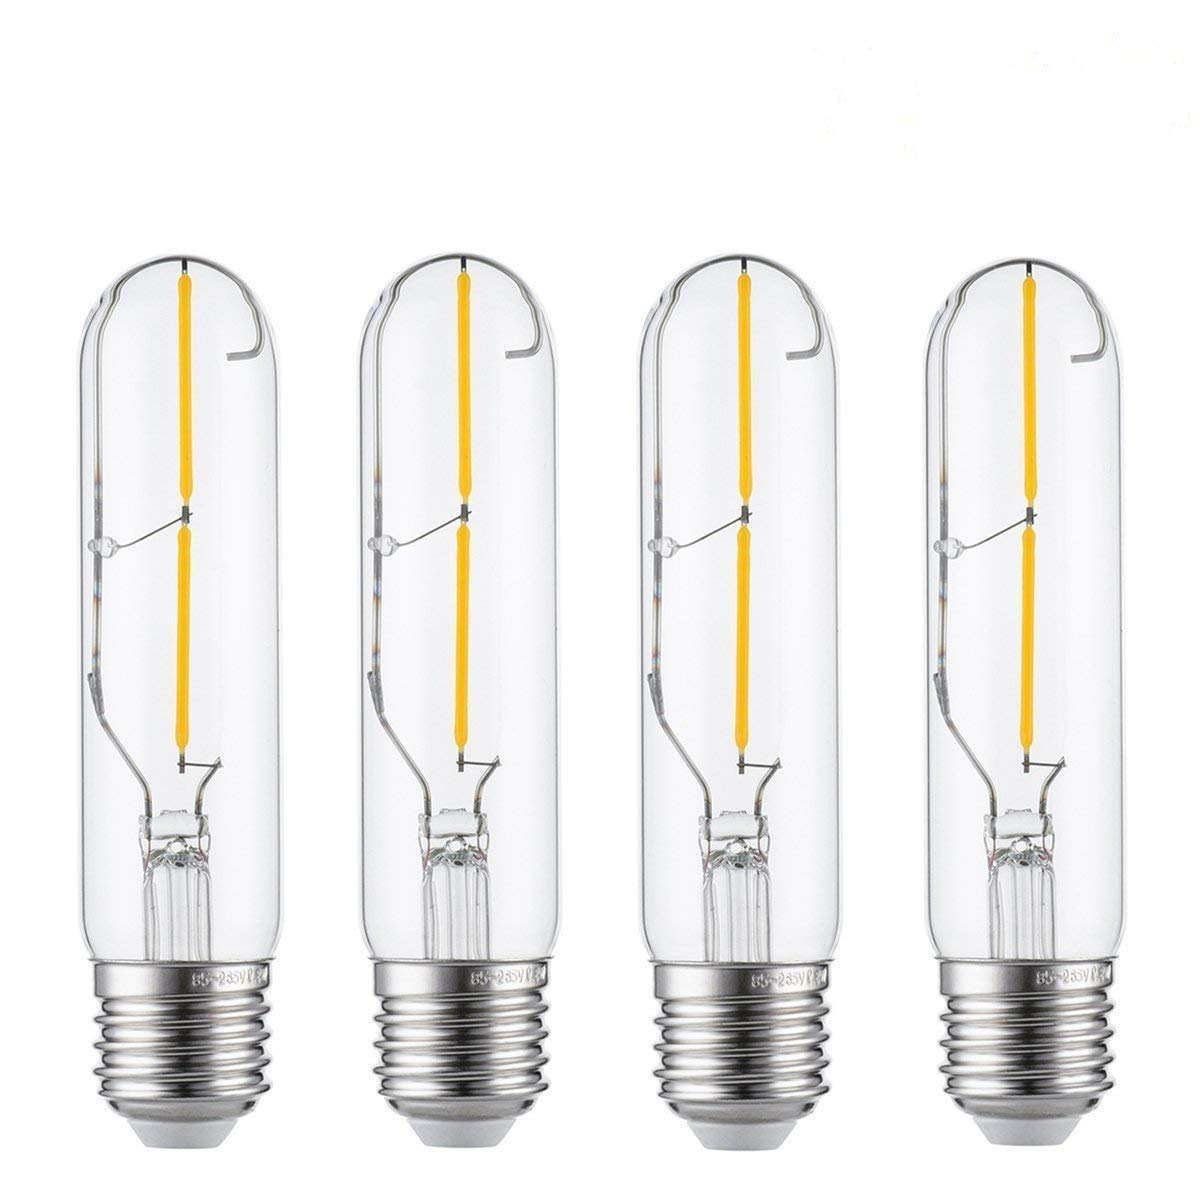 Vintage Edison LED Bulb Non Dimmable Clear Glass COB Tubular Filament Bulb KINGSO 2W Antique LED Bulb E26 Medium Base 2700K Warm White T10 Pack of 4